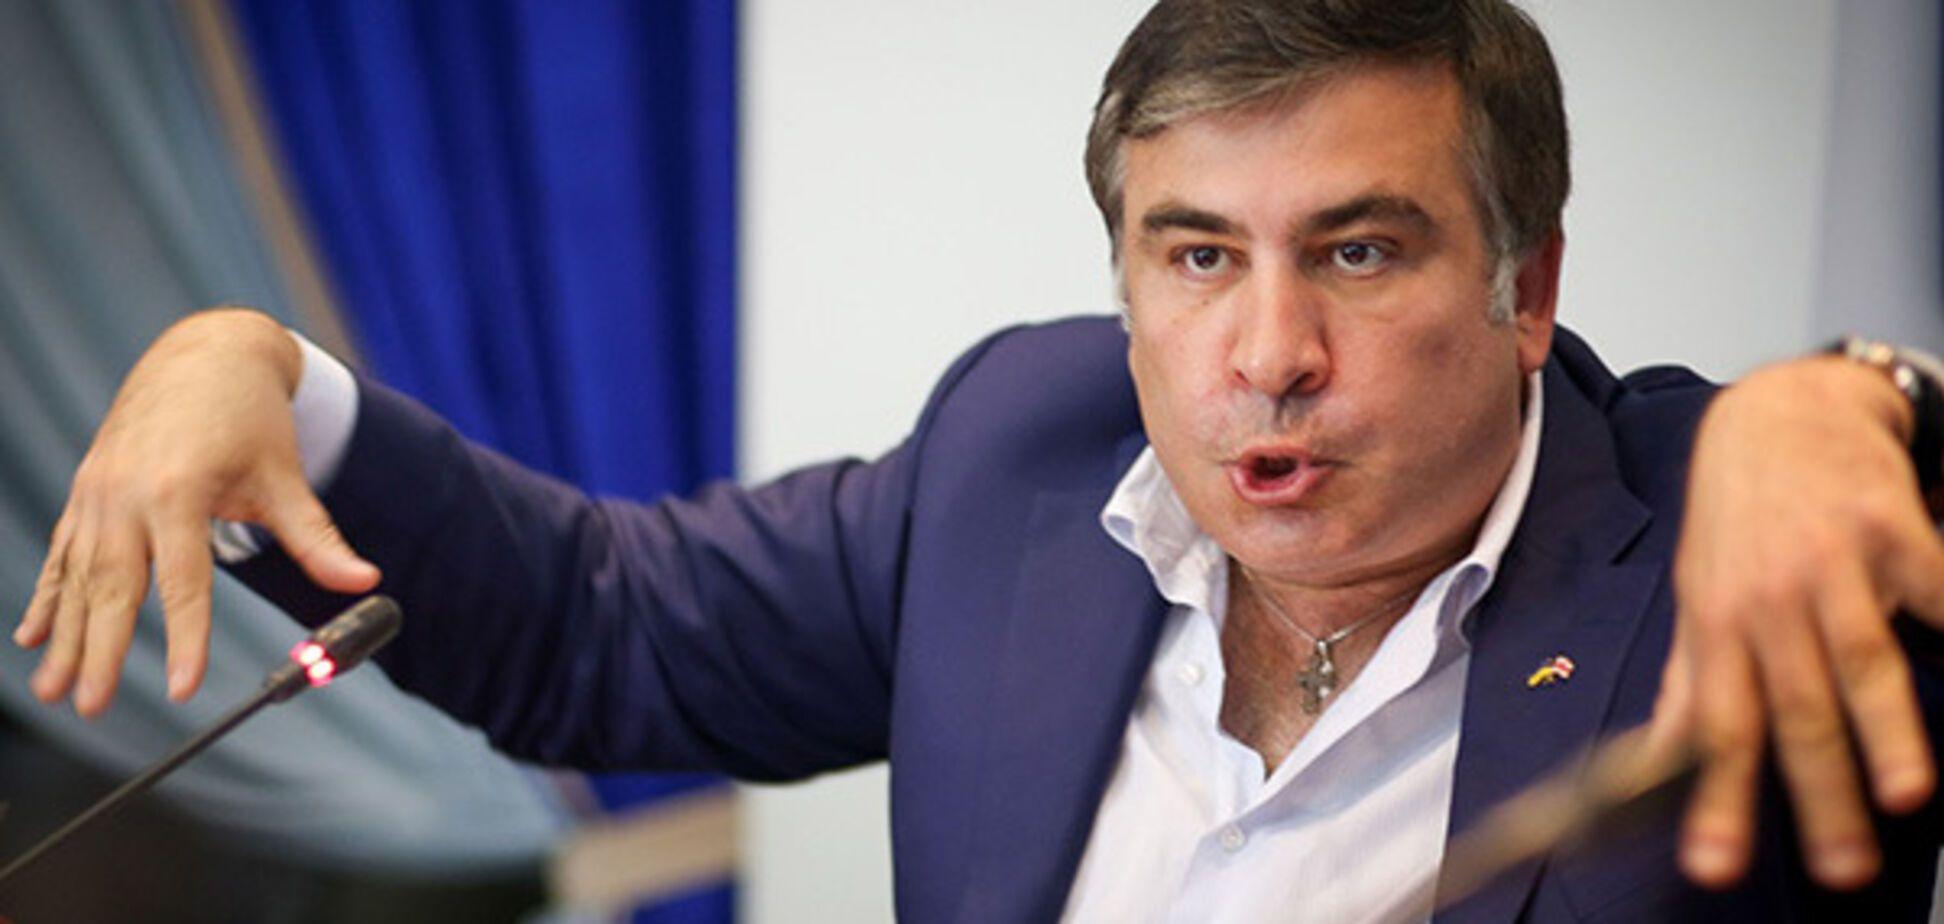 Режим Саакашвили был жесткий и авторитарный - Мусхелишвили